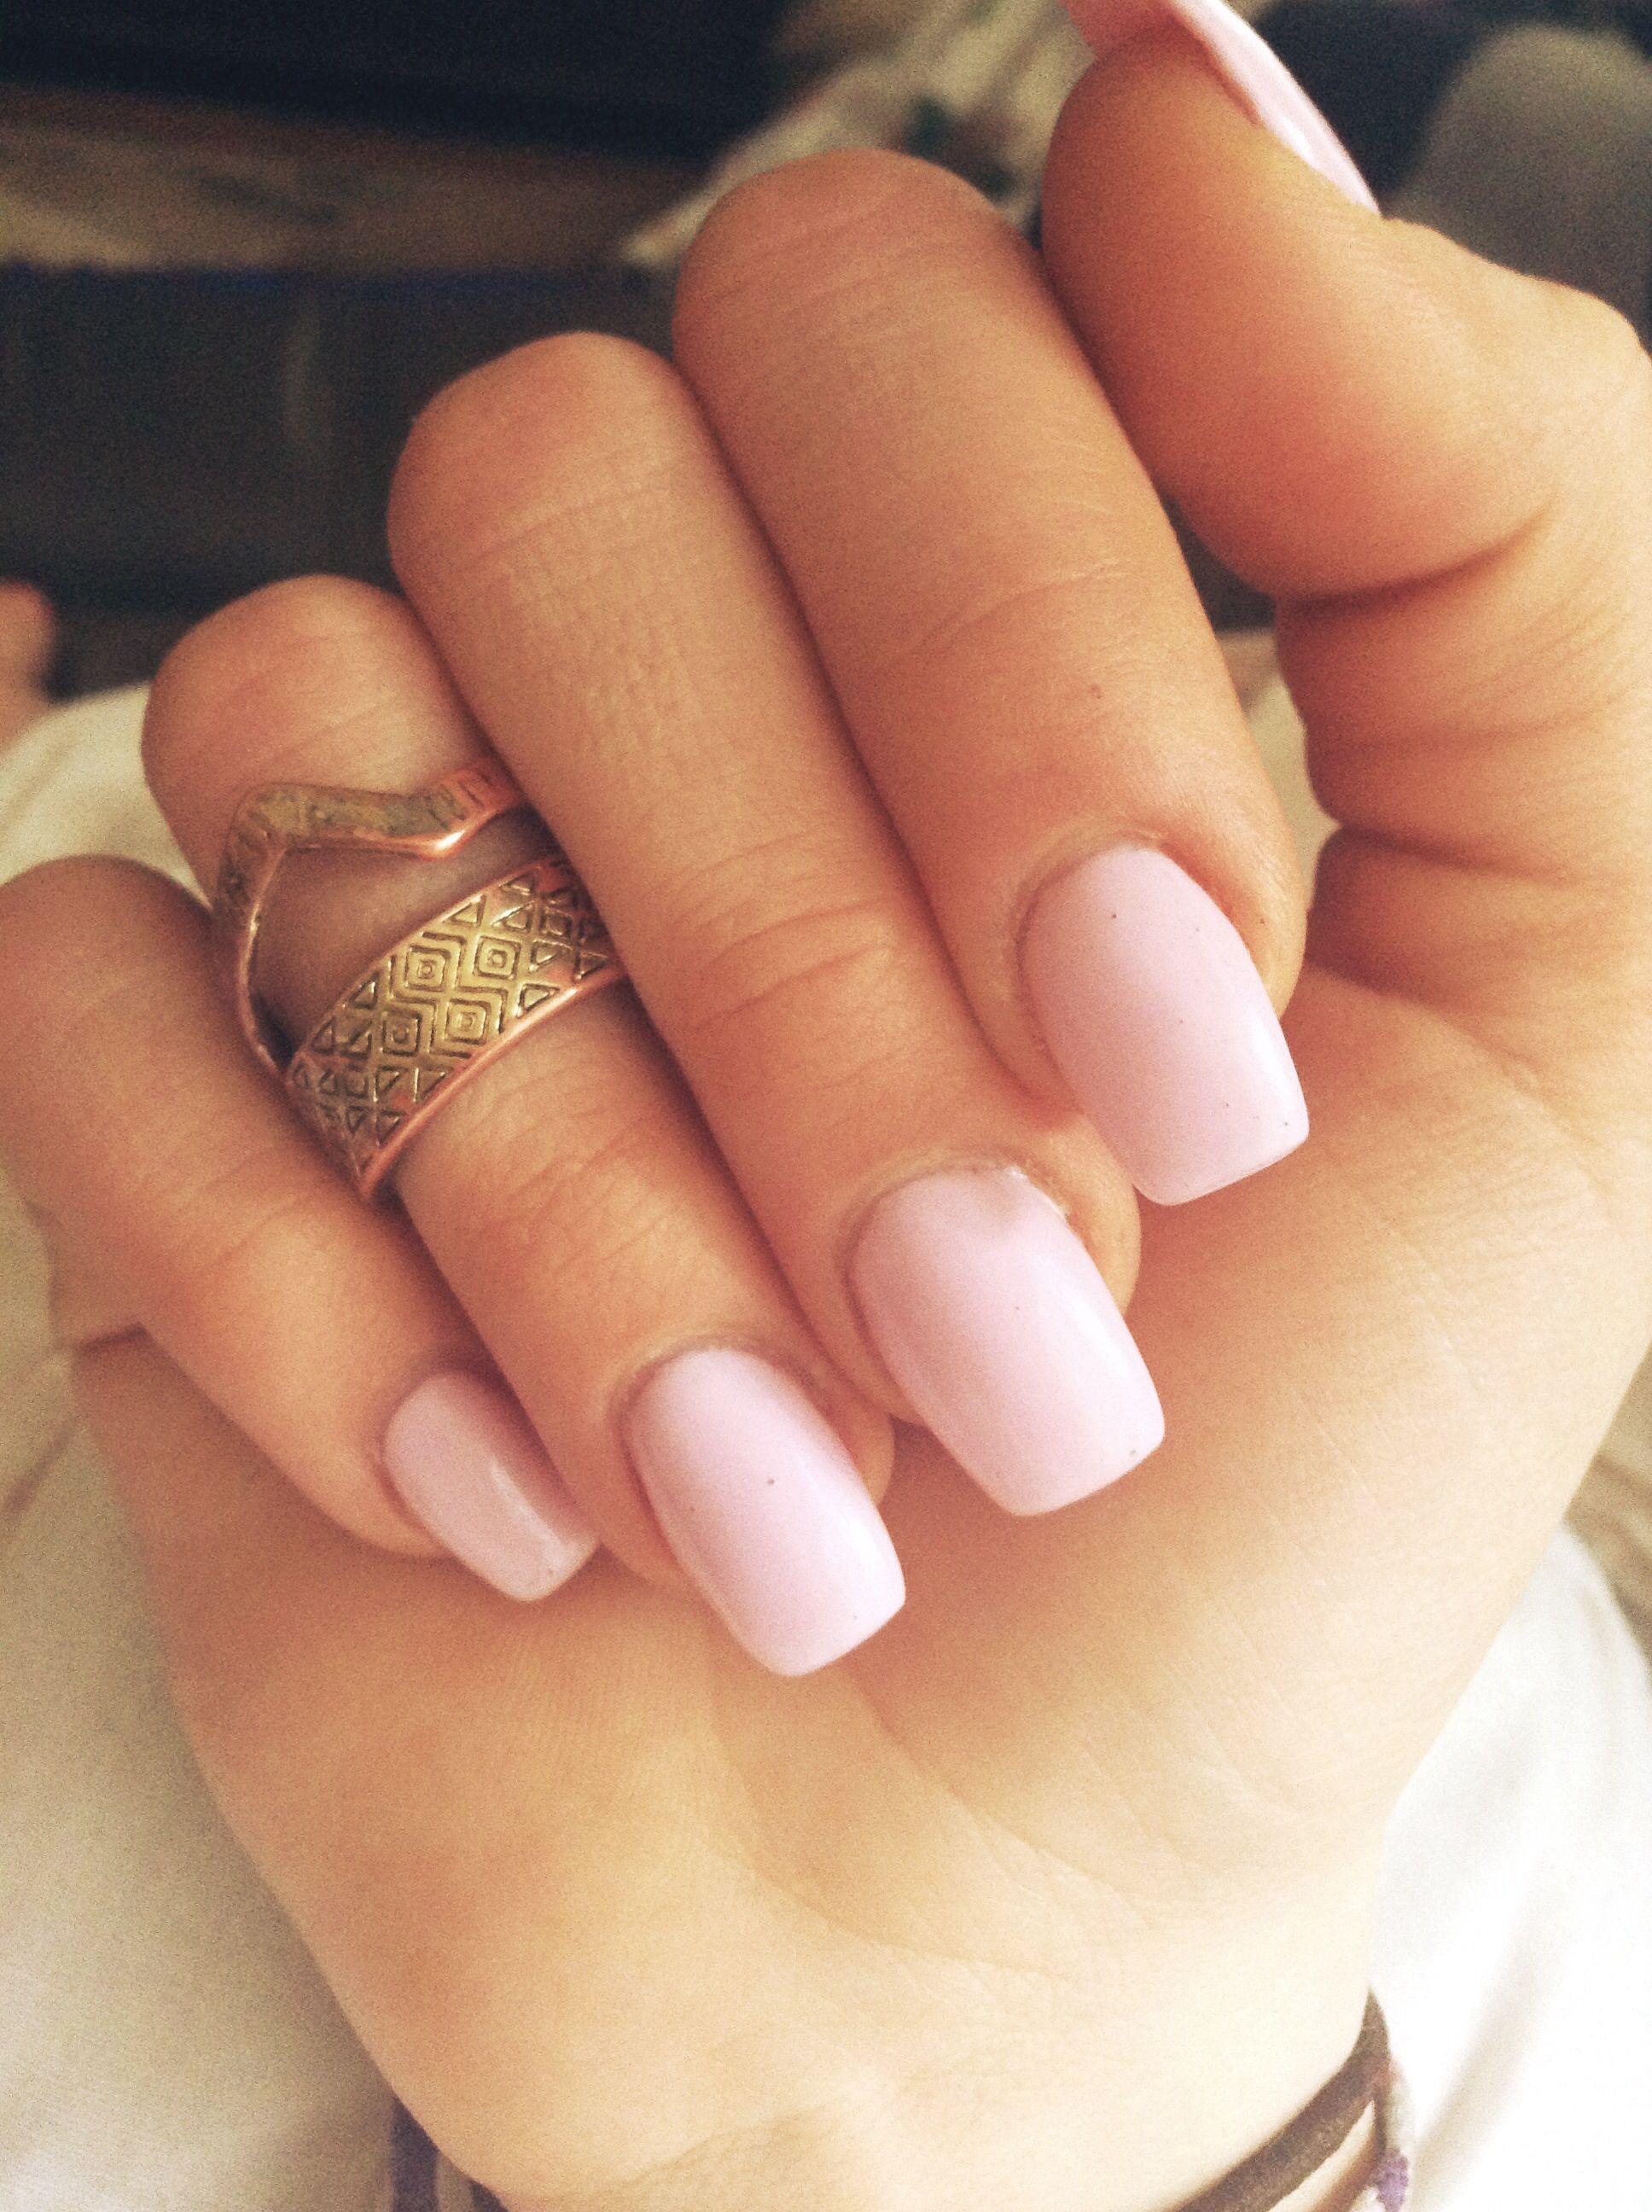 Pin by maegan on nails pinterest nail inspo makeup and nail